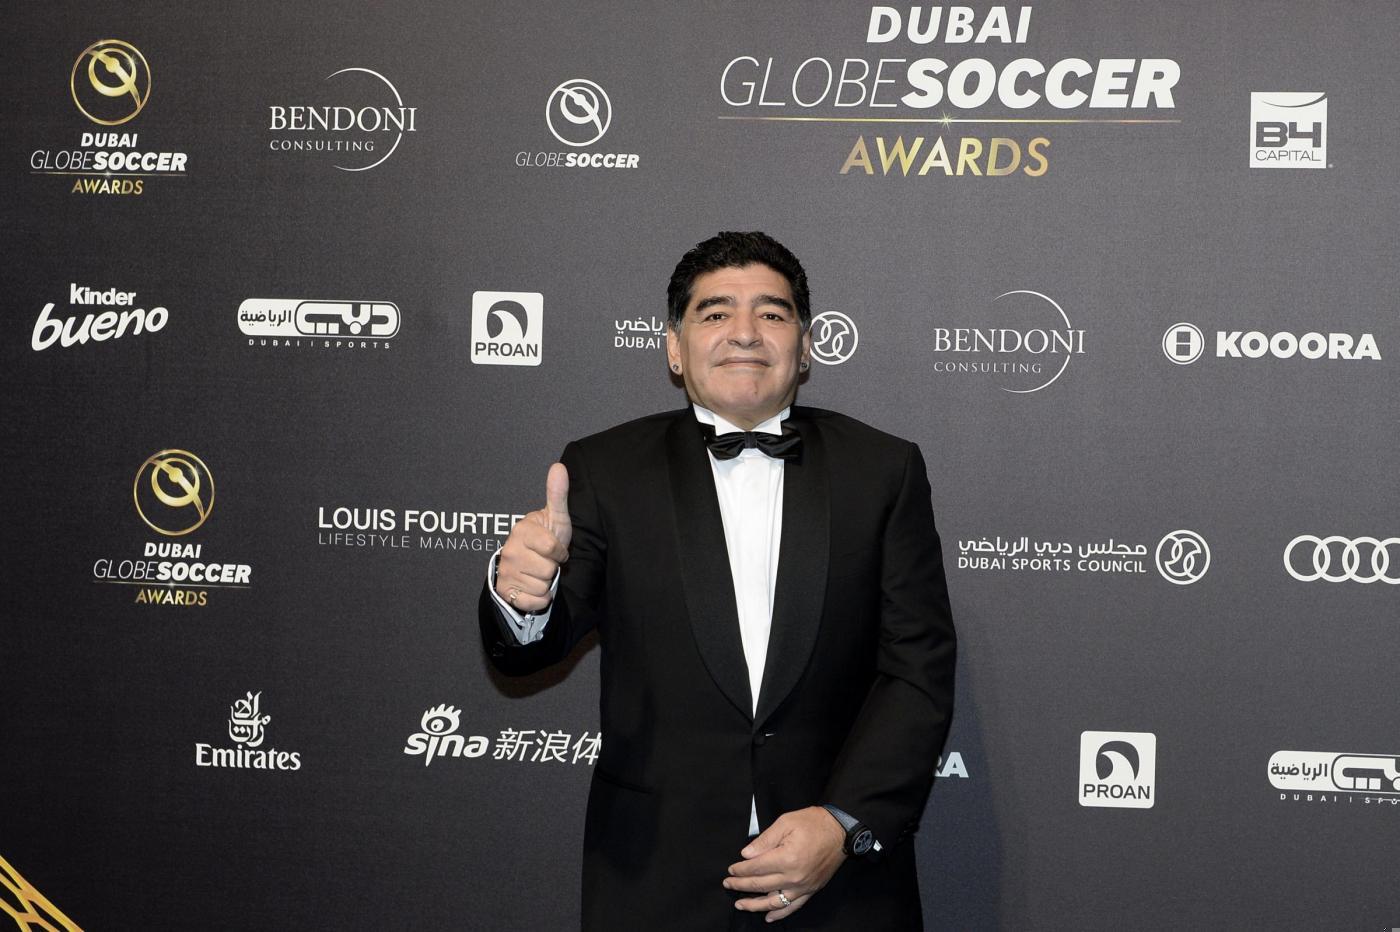 Diego Armando Maradona compie 60 anni: il compleanno del Pibe de Oro, l'icona del calcio mondiale